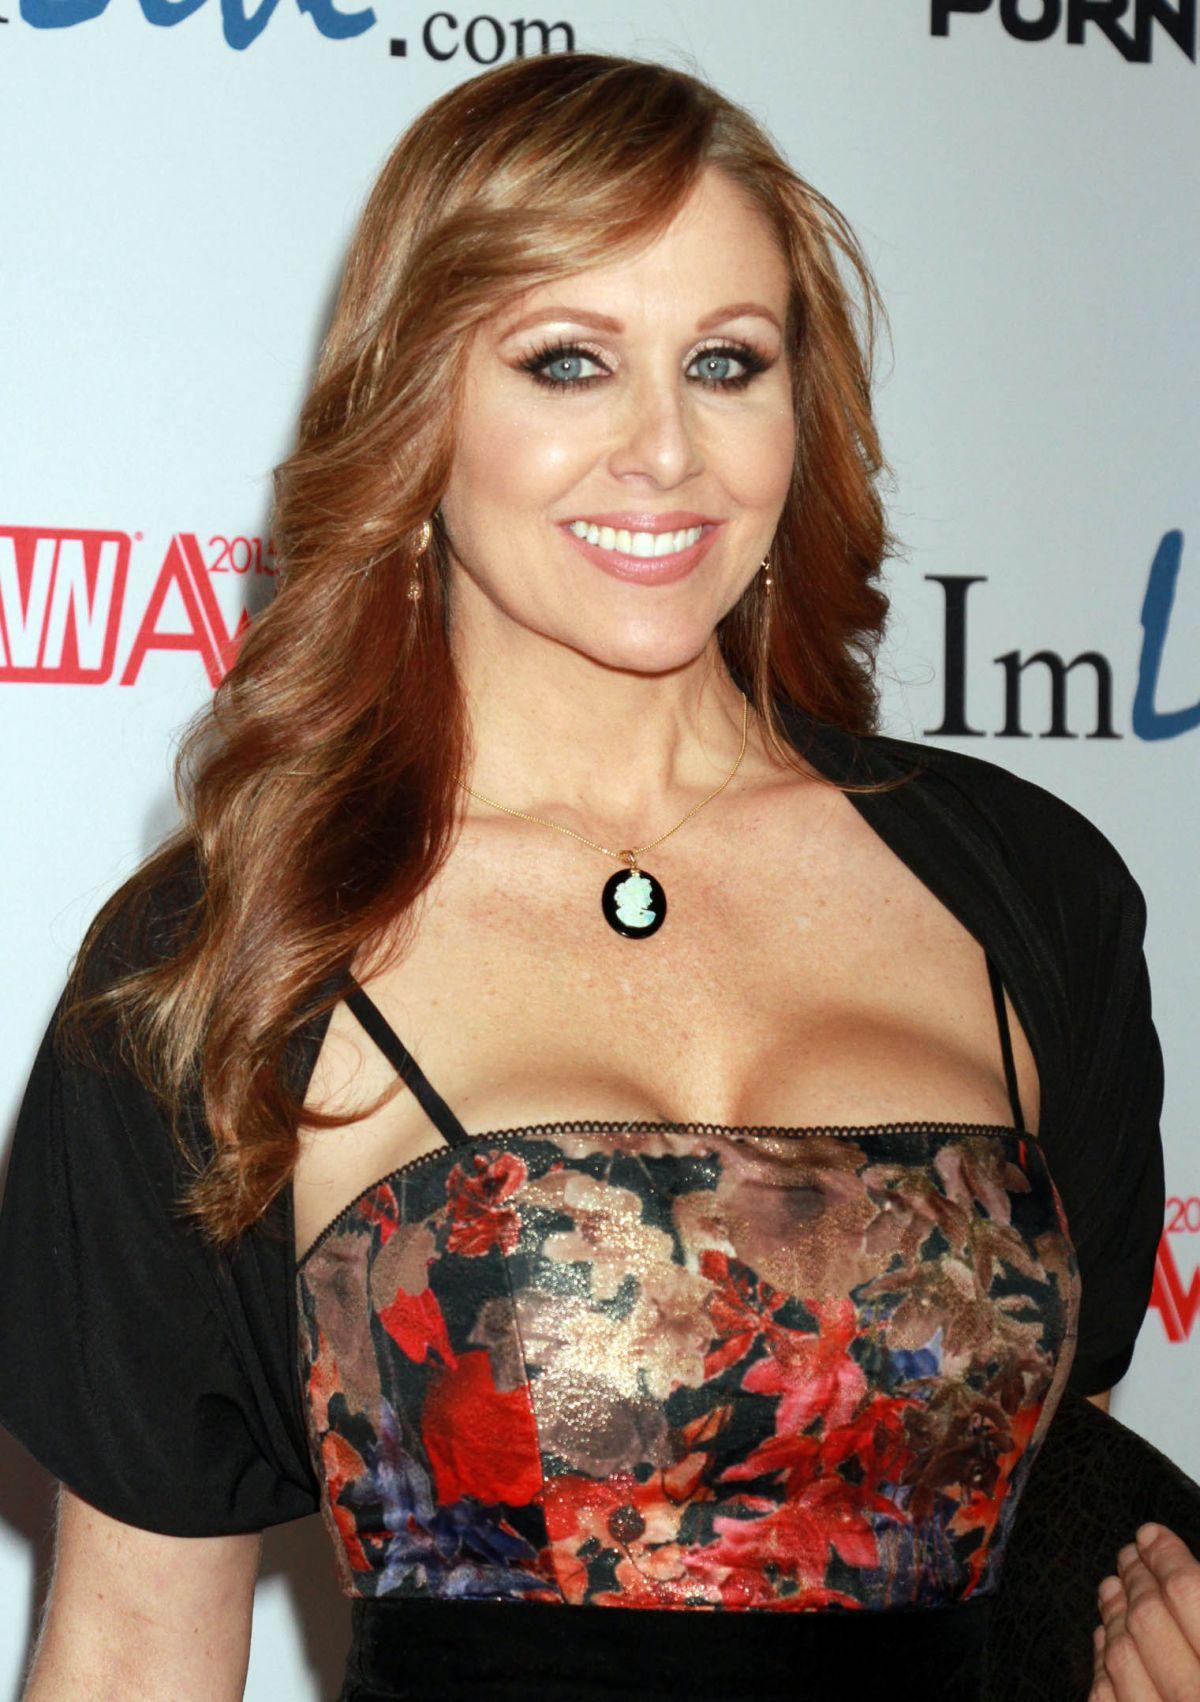 JULIA ANN at 2015 AVN Awards in Las Vegas - HawtCelebs